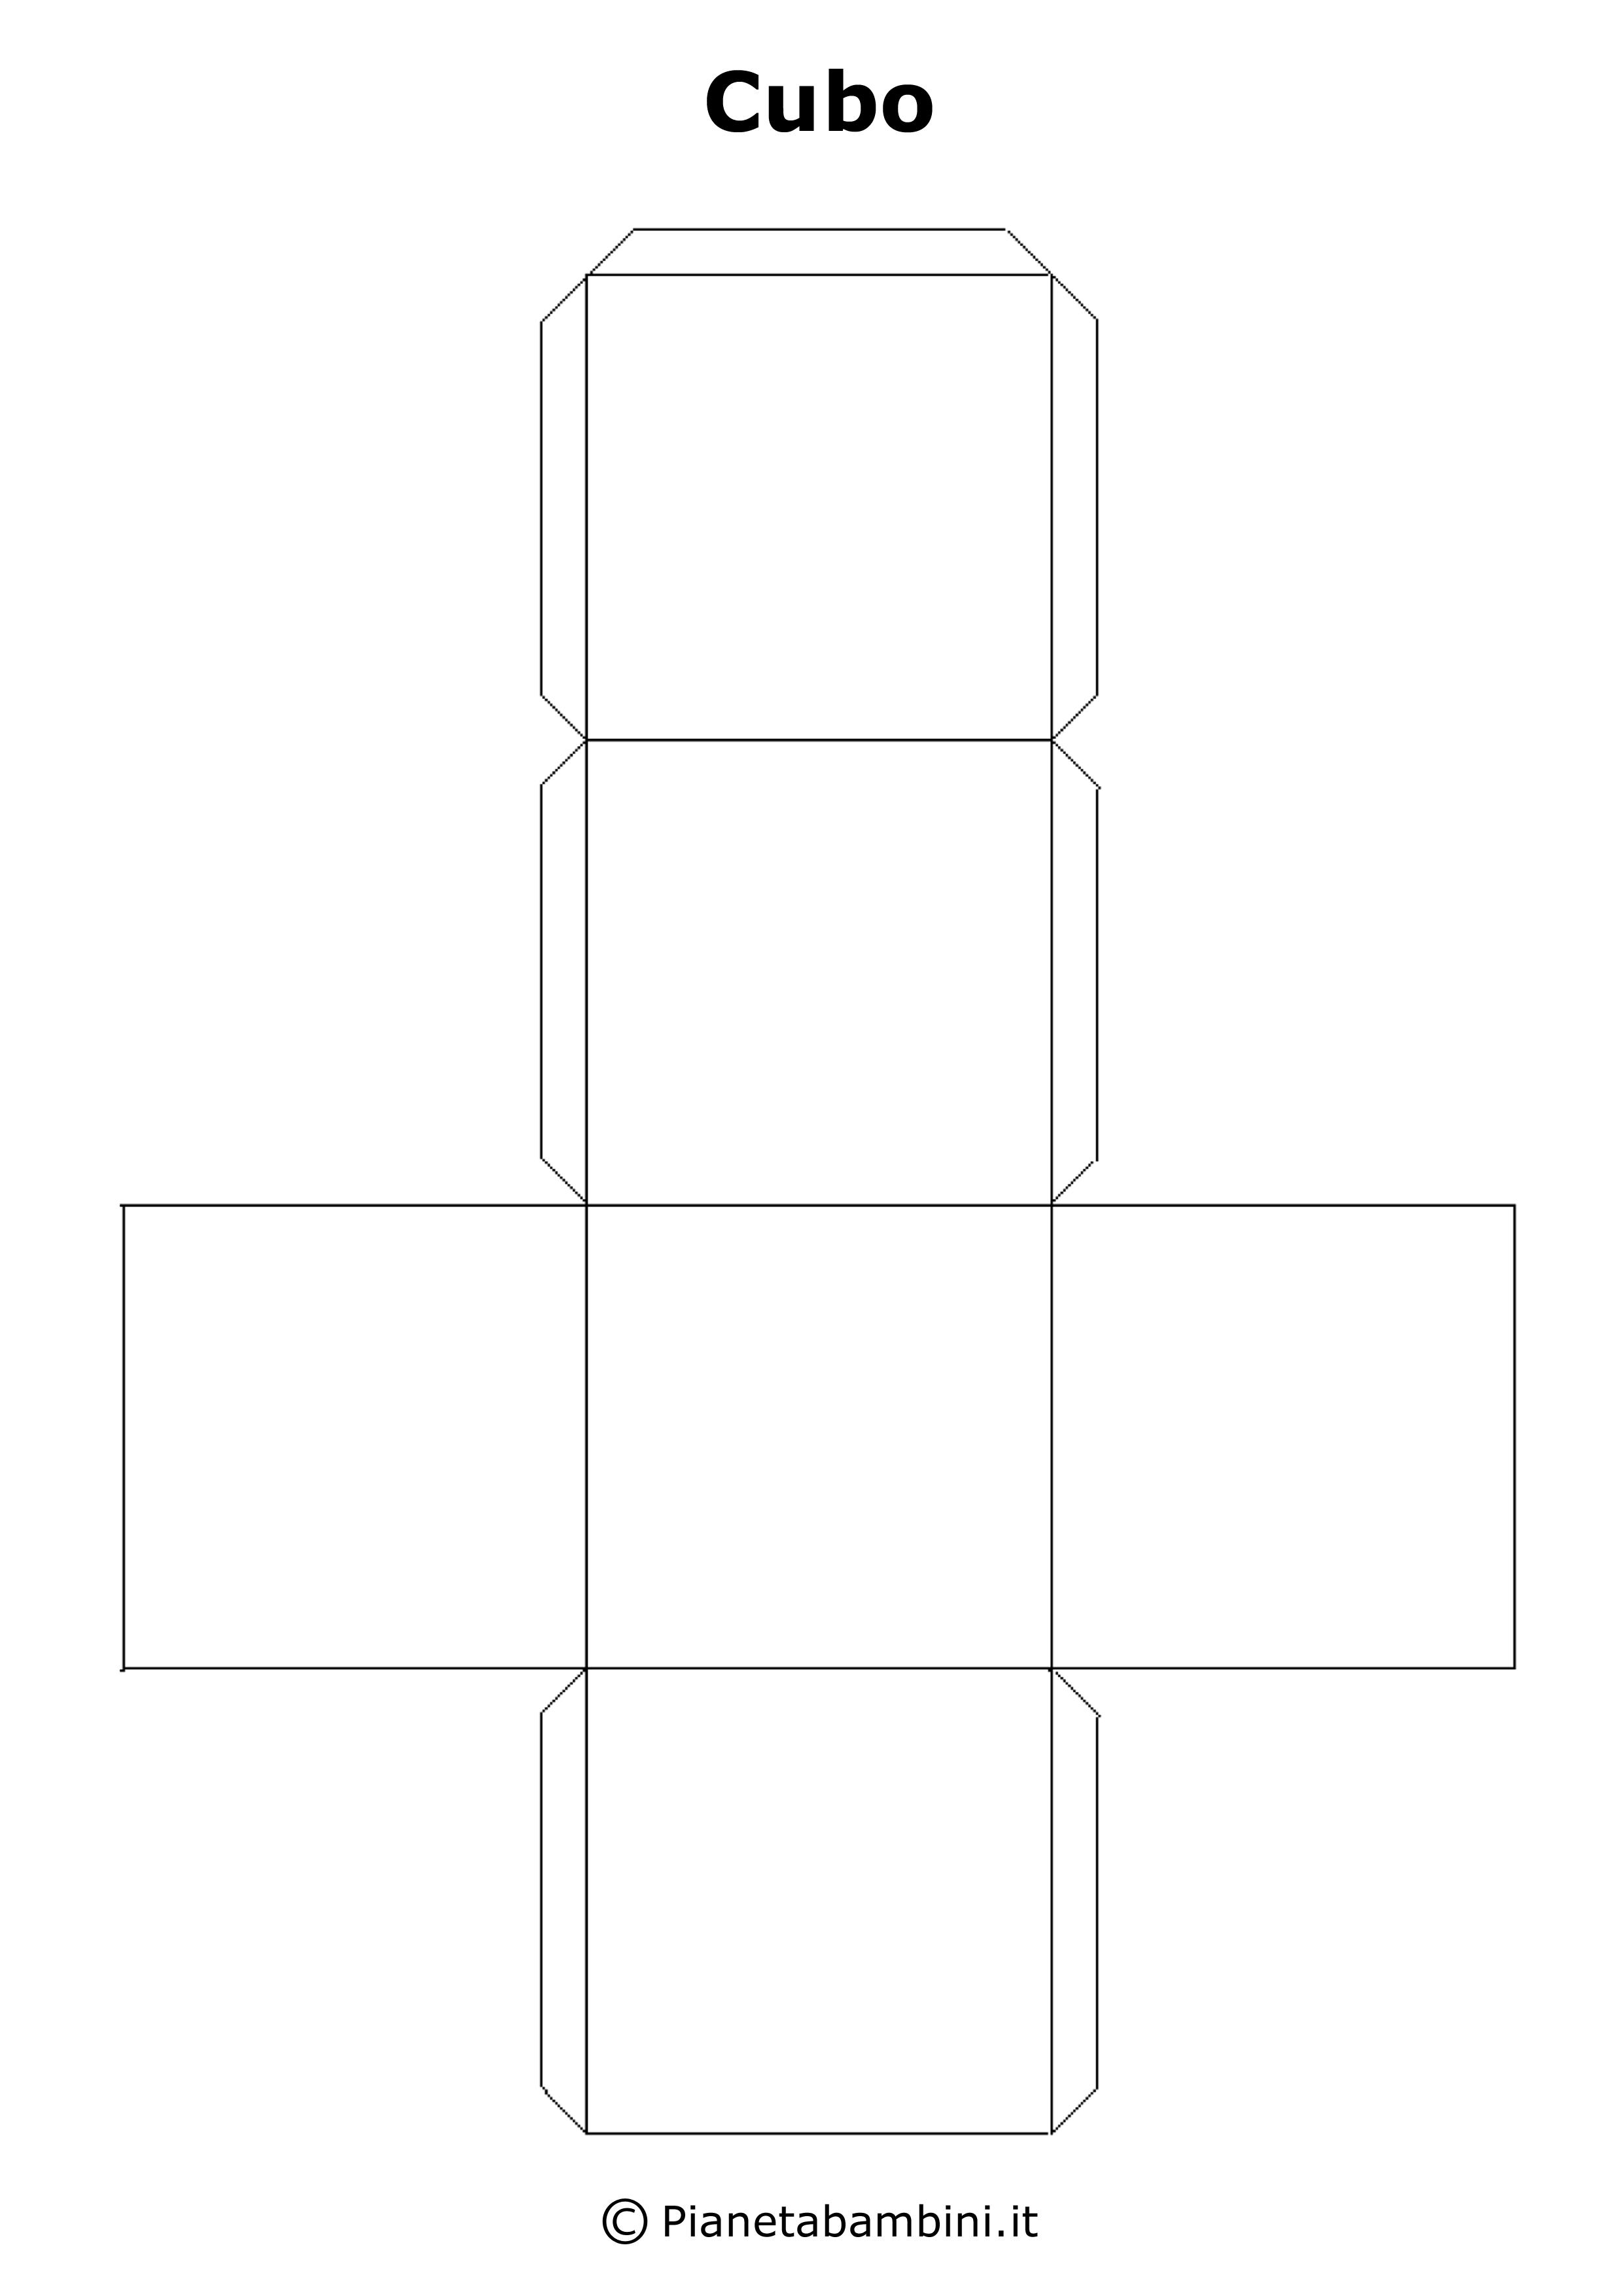 Figure geometriche solide da ritagliare e costruire for Giochi di costruzione di case 3d online